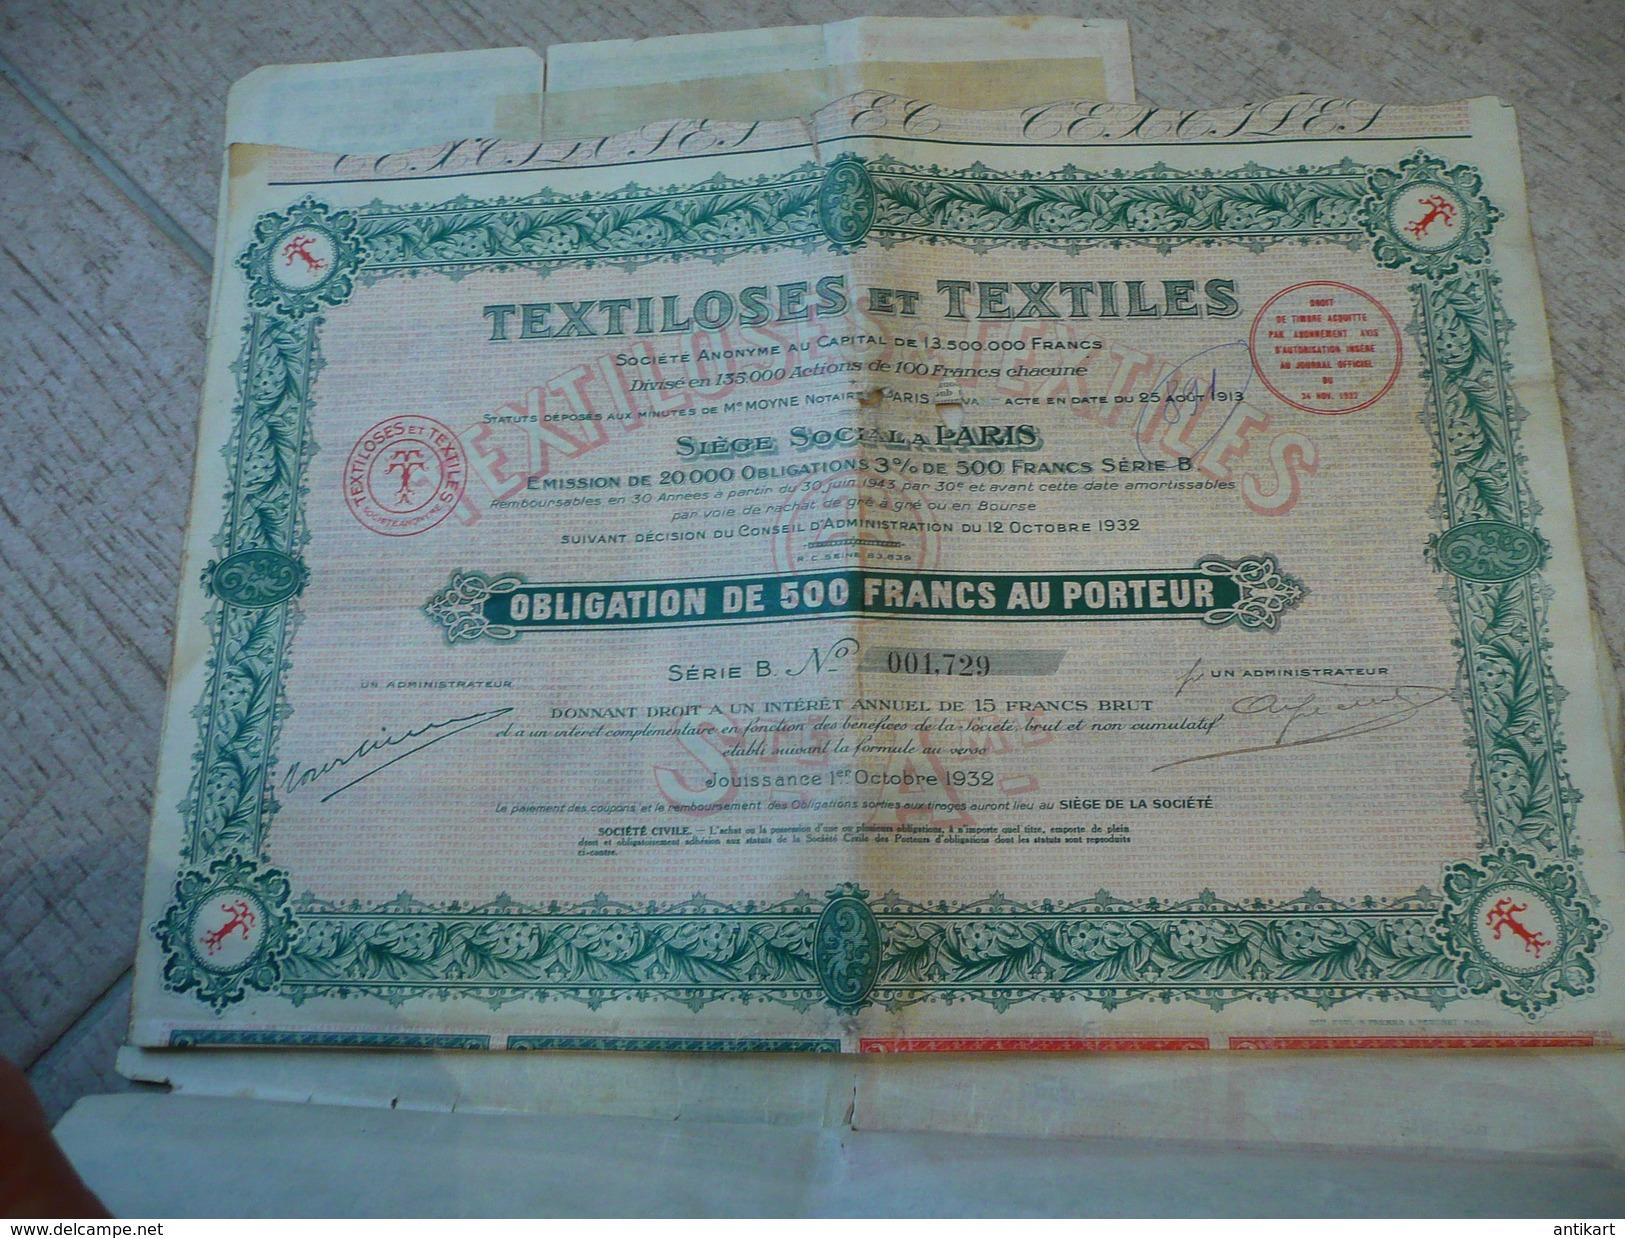 Textiloses Et Textiles Obligation De 500f - Paris 1932 - Textile